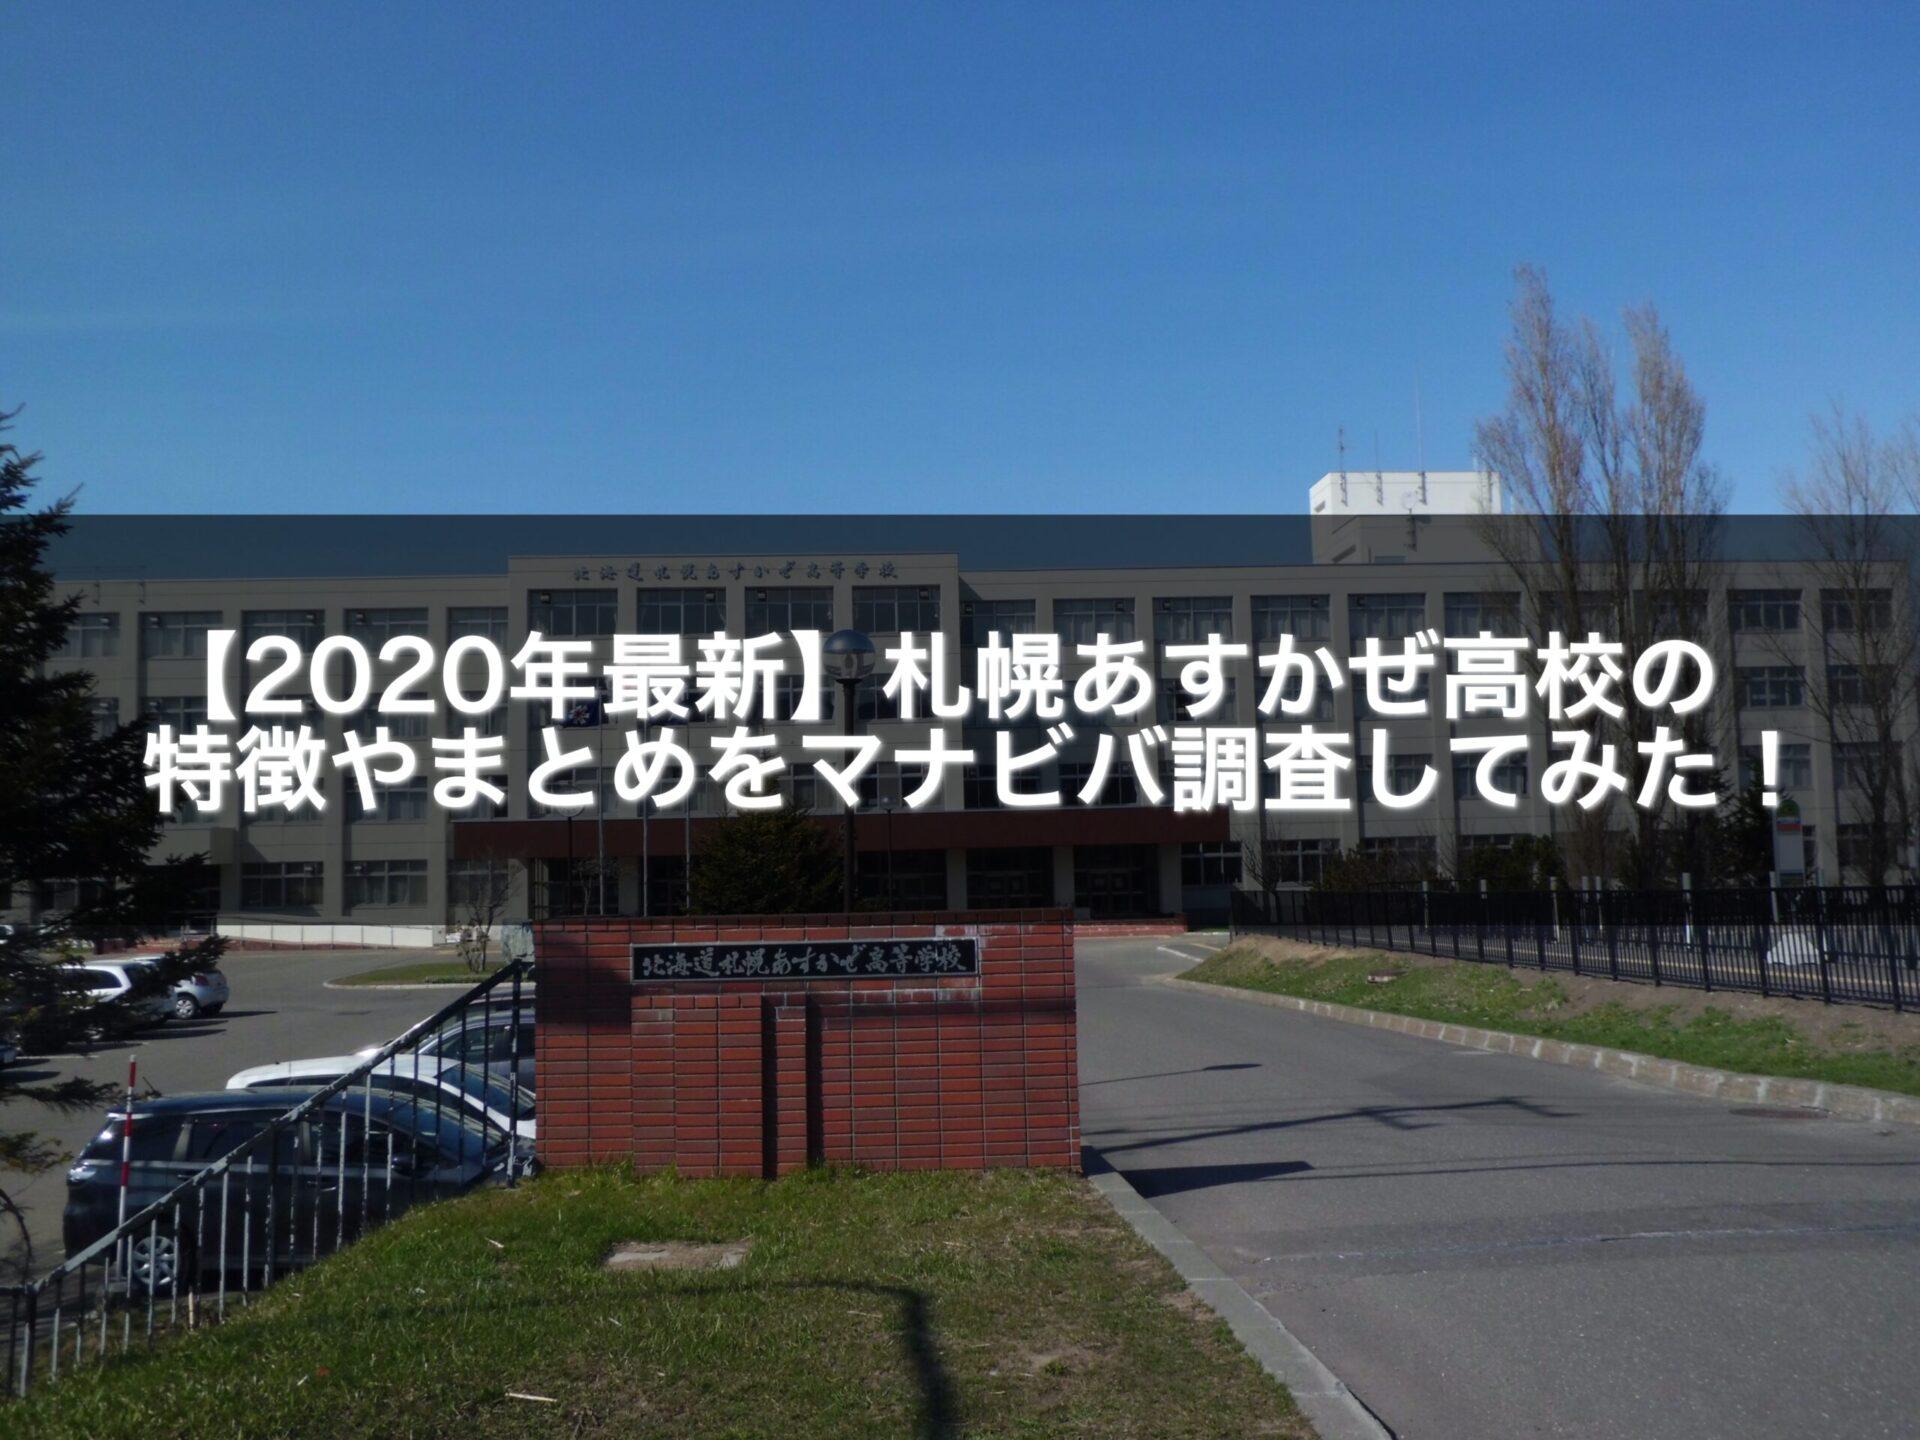 【2020年最新】札幌あすかぜ高校の特徴やまとめをマナビバ調査してみた!